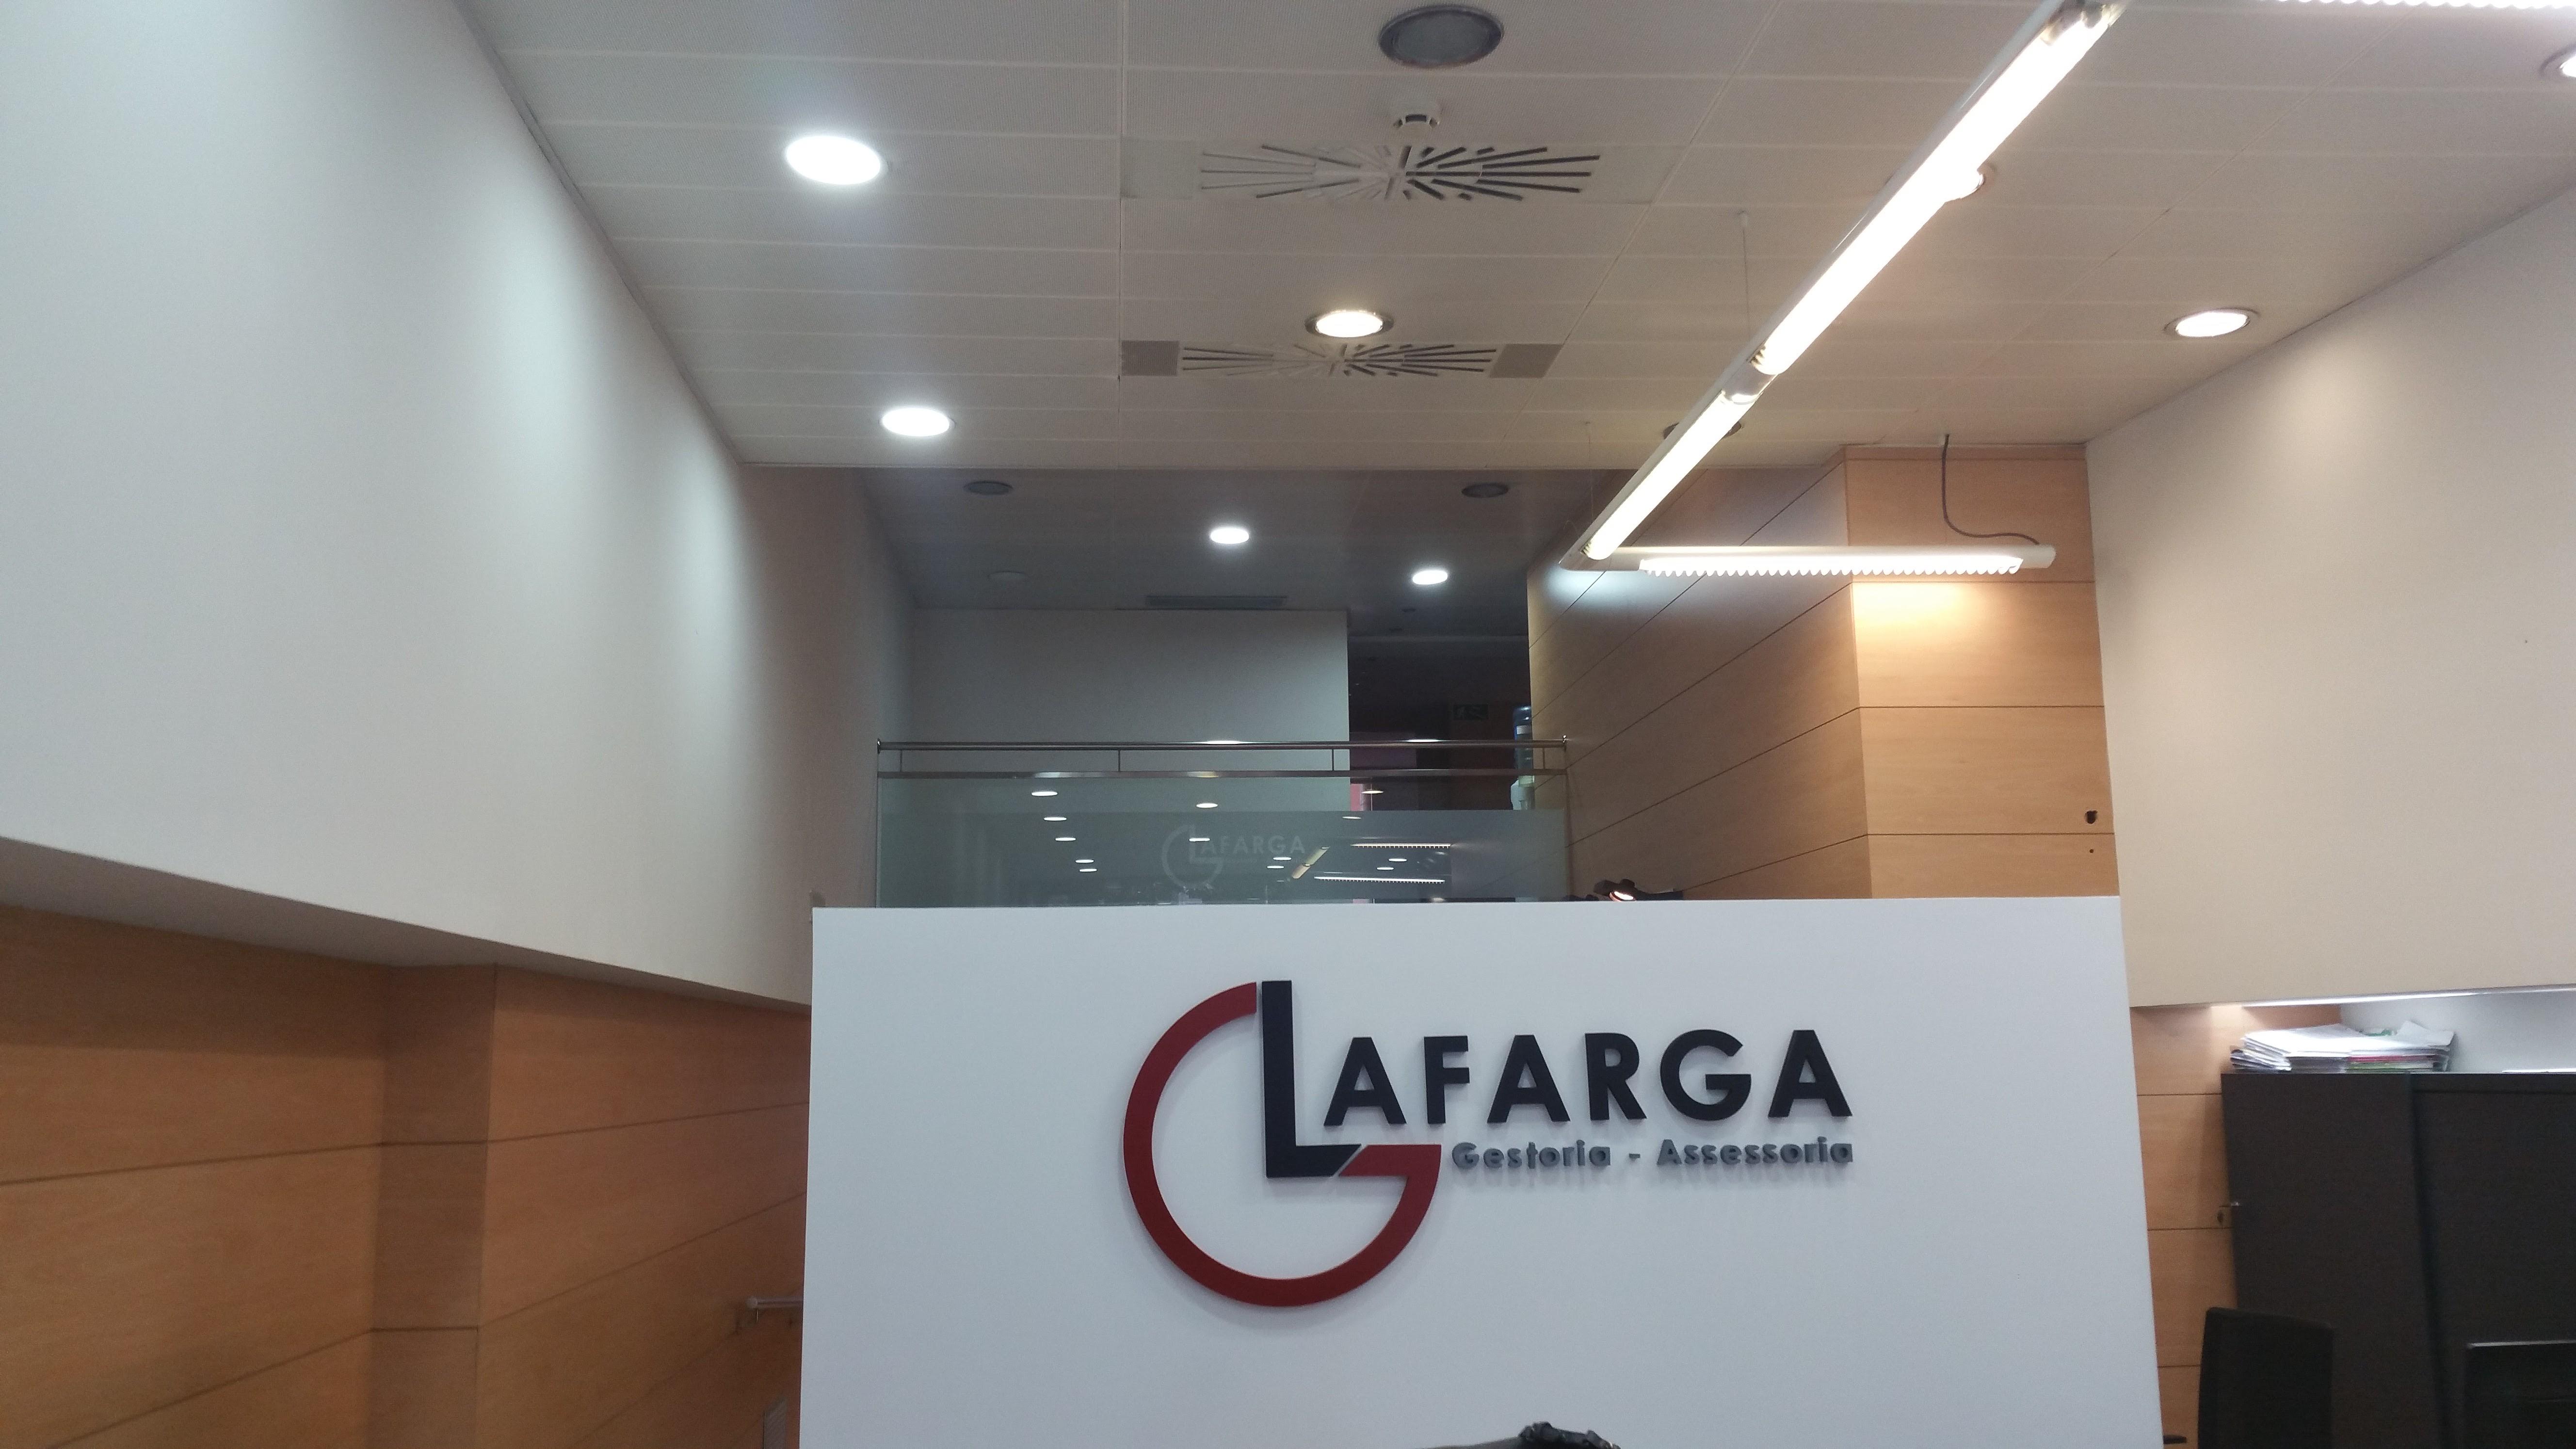 lafarga_mobiliario_furniture_saladeespera_mostradorcurvo_proyecto_interiorismo_wholecontract_forma5_guialmi_sillas_armarios_interiorismo